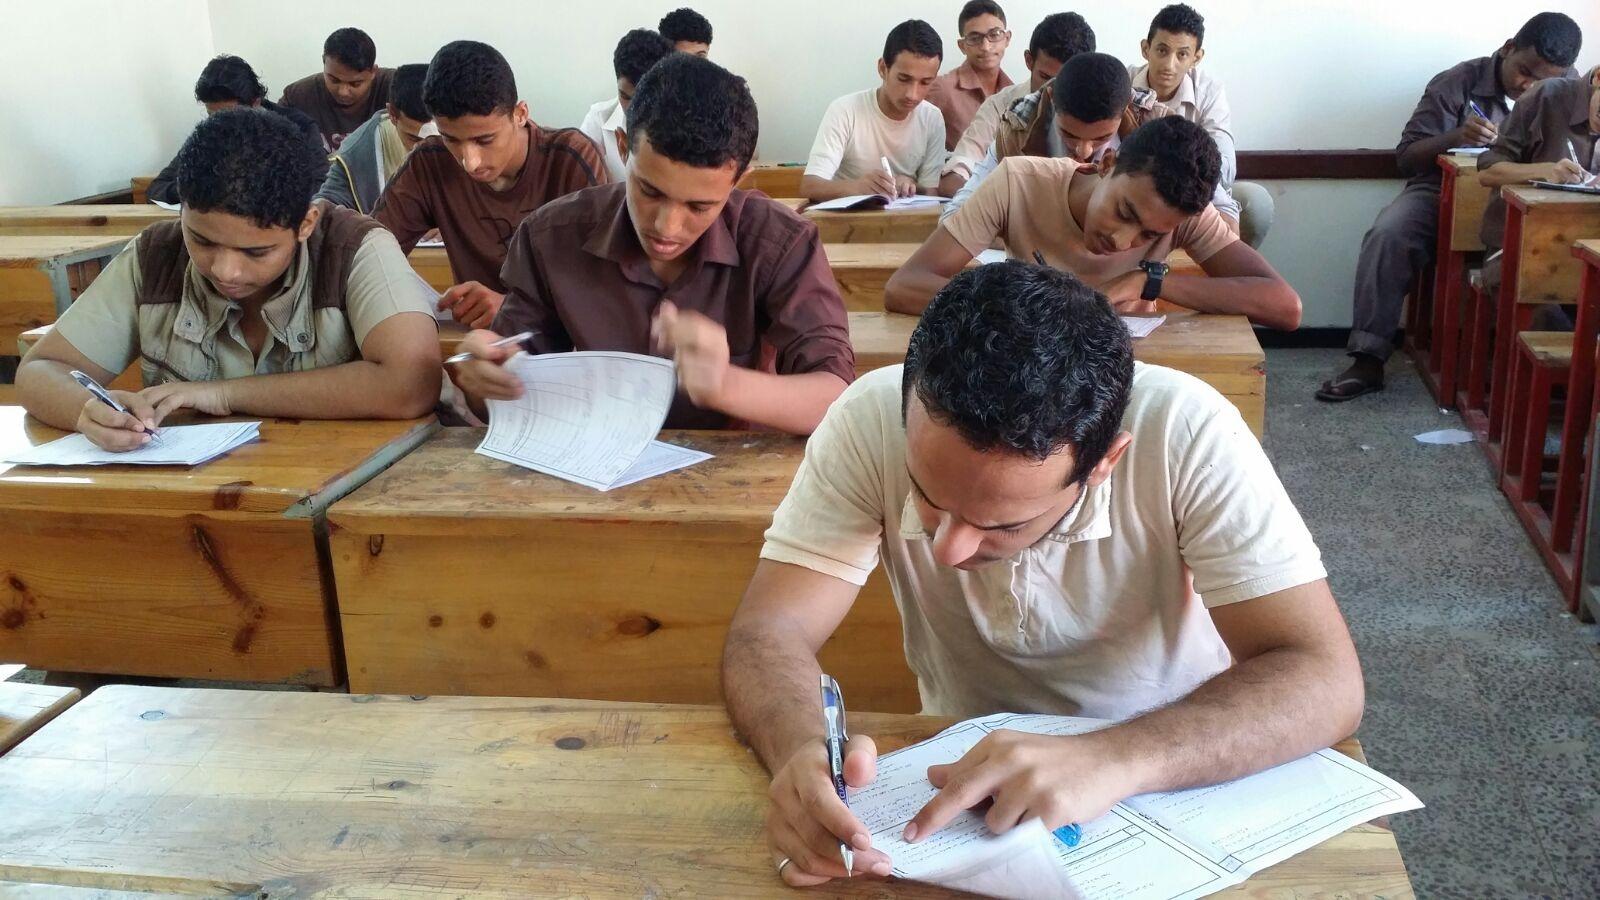 نماذج امتحانات الفلسفة والمنطق لطلاب الثانوية العامة